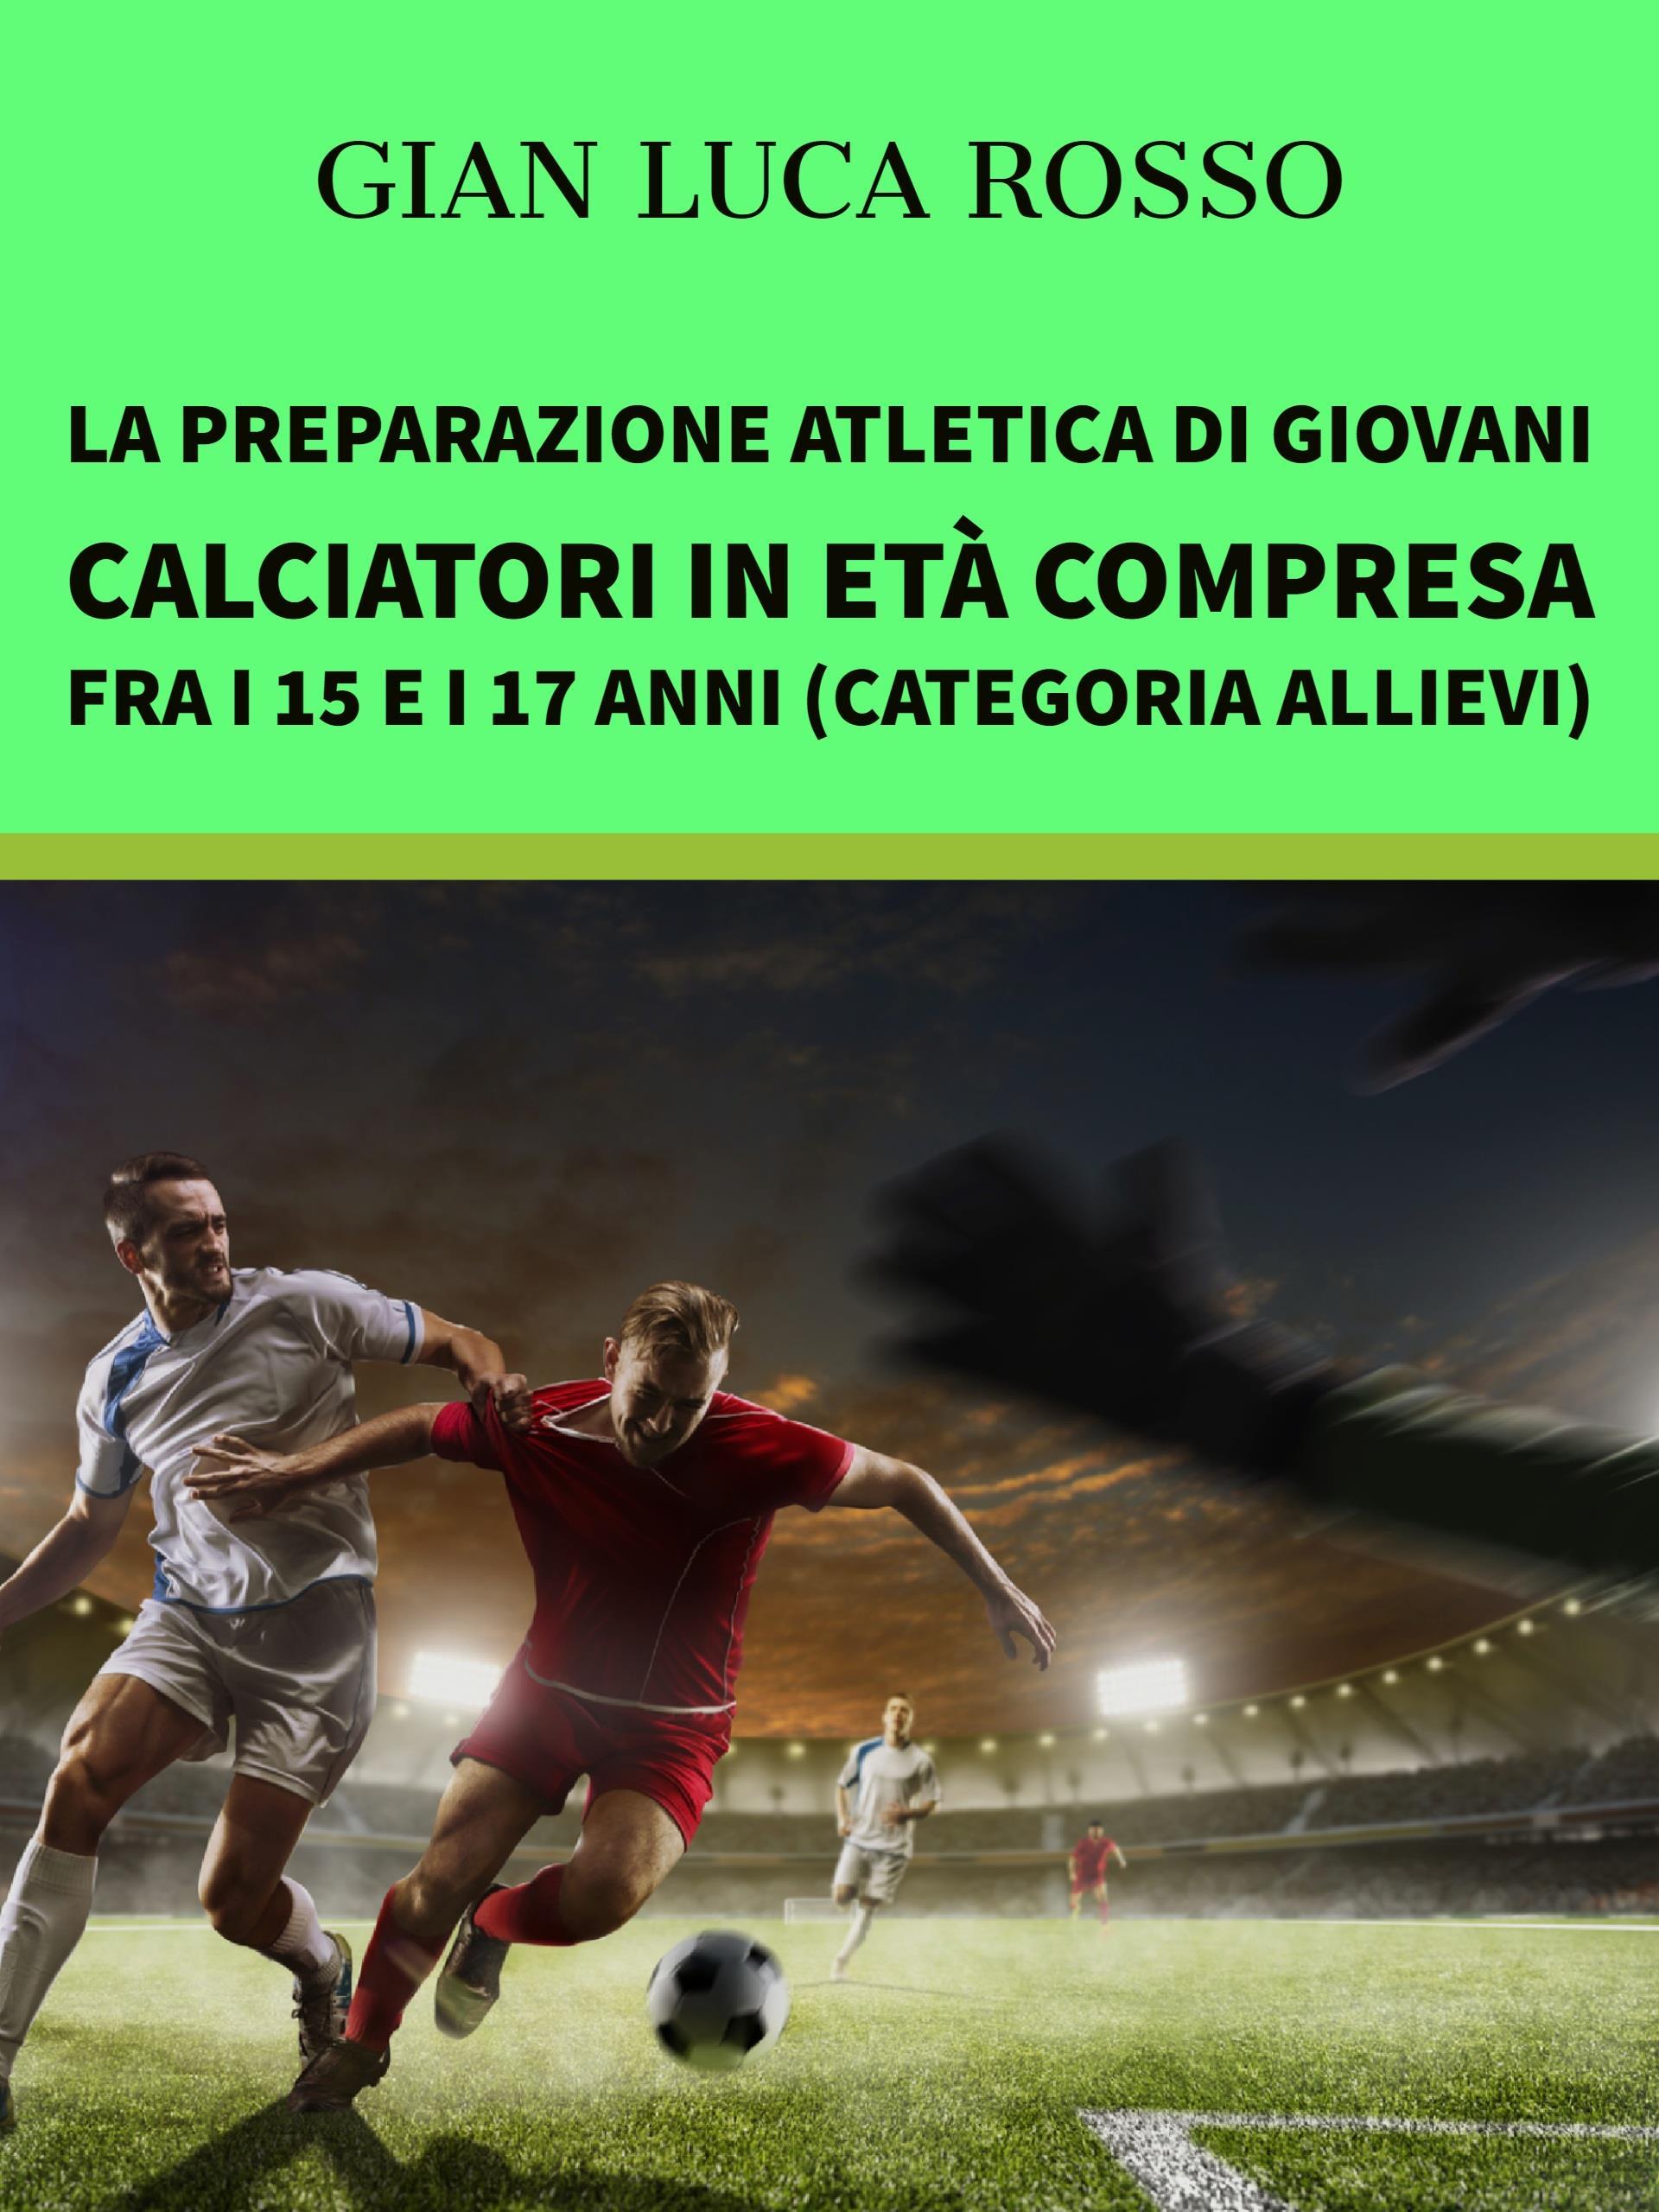 La preparazione atletica di giovani calciatori in età compresa fra i 15 e i 17 anni (Categoria Allievi)